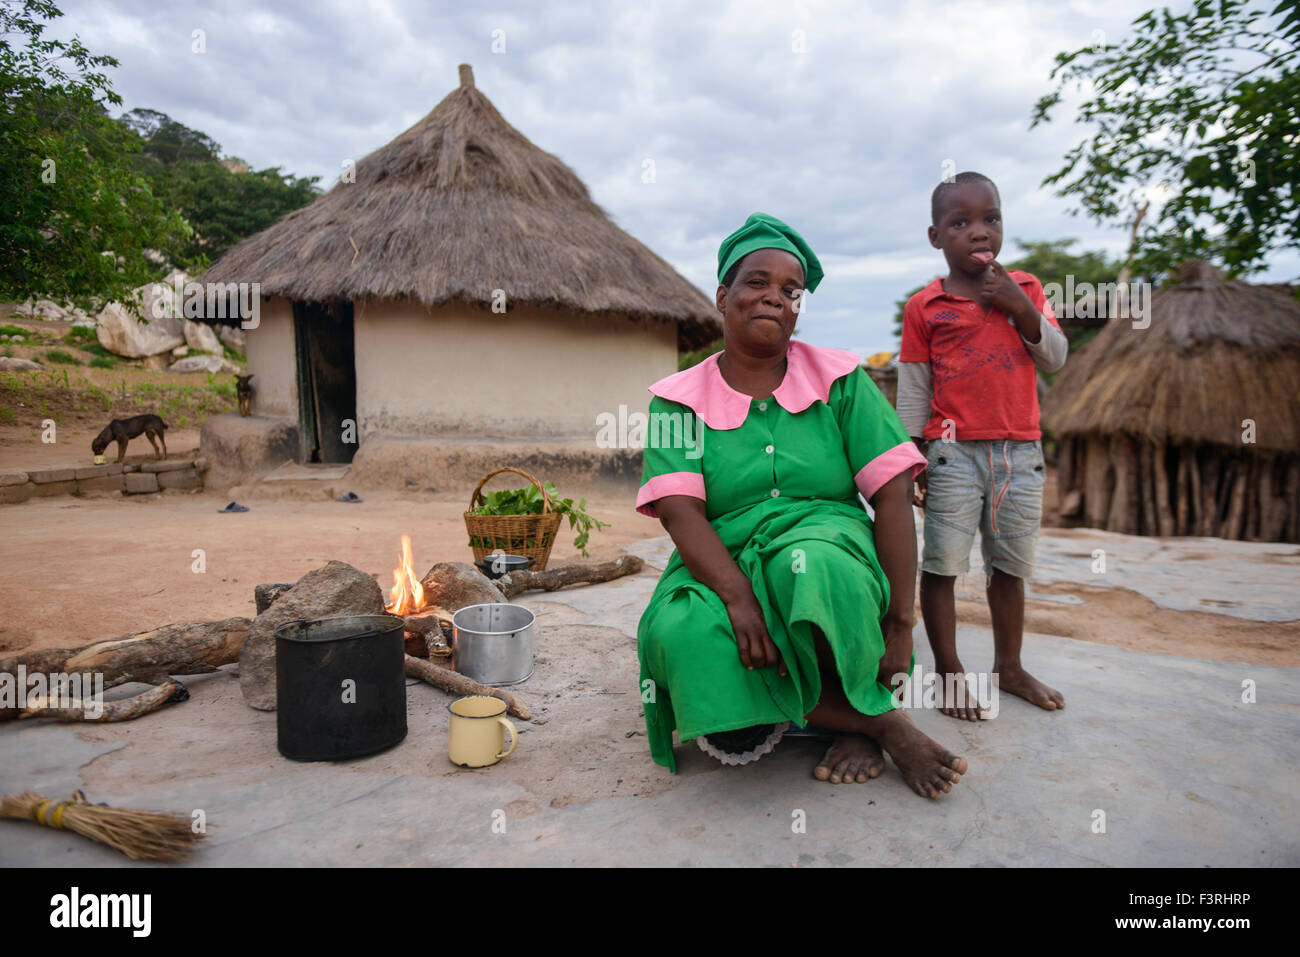 Village Life, Zimbabwe, Africa - Stock Image